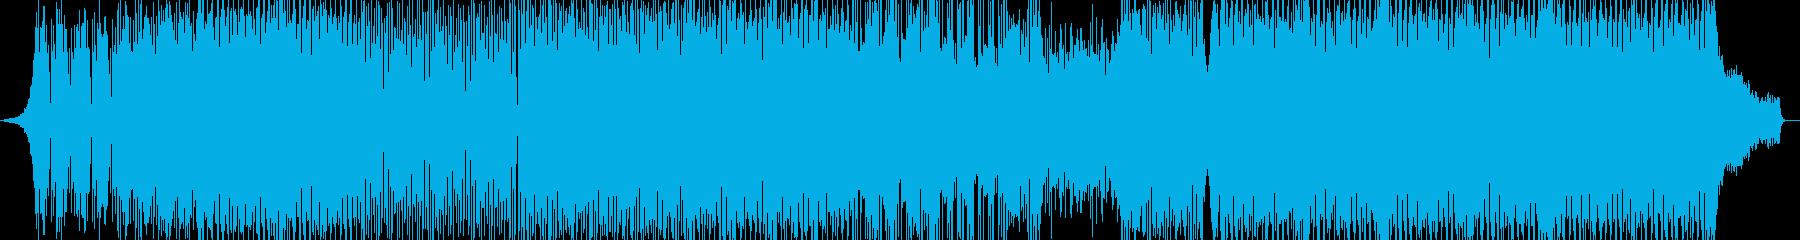 洋楽、元気系EDMトラックの再生済みの波形